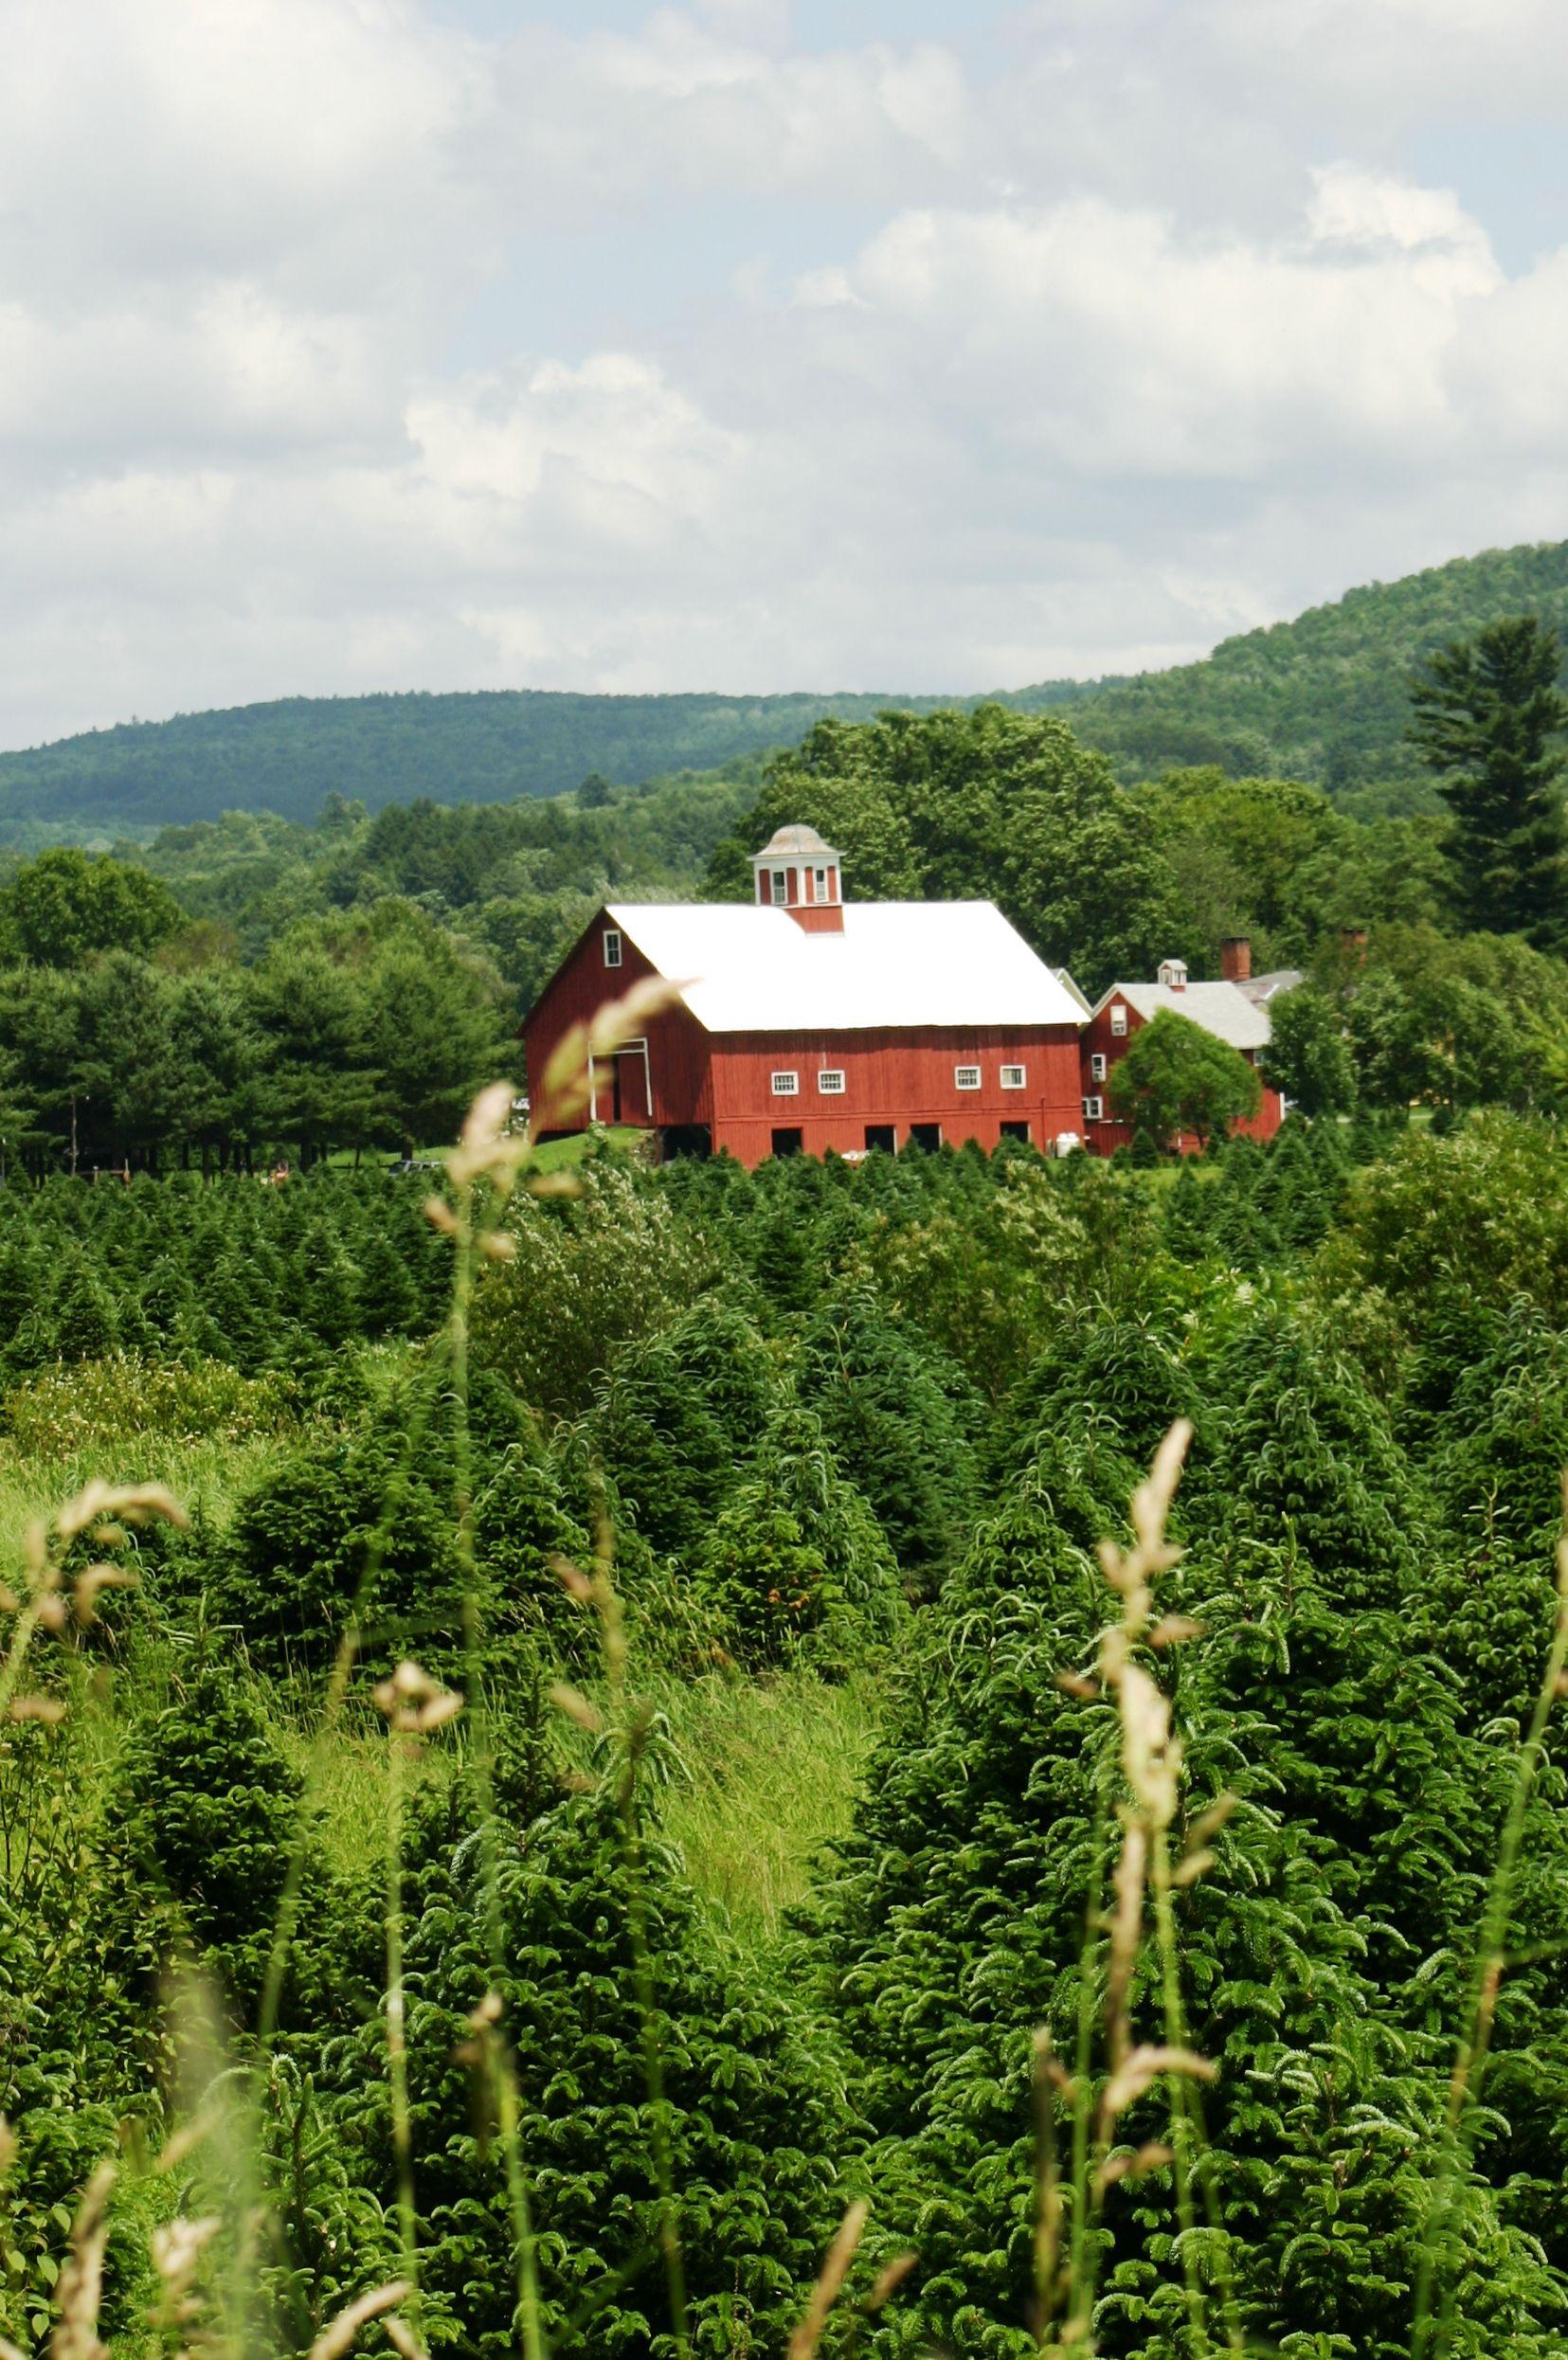 Vermont Christmas Tree Farm Tree Farms Christmas Tree Lots Old Barns